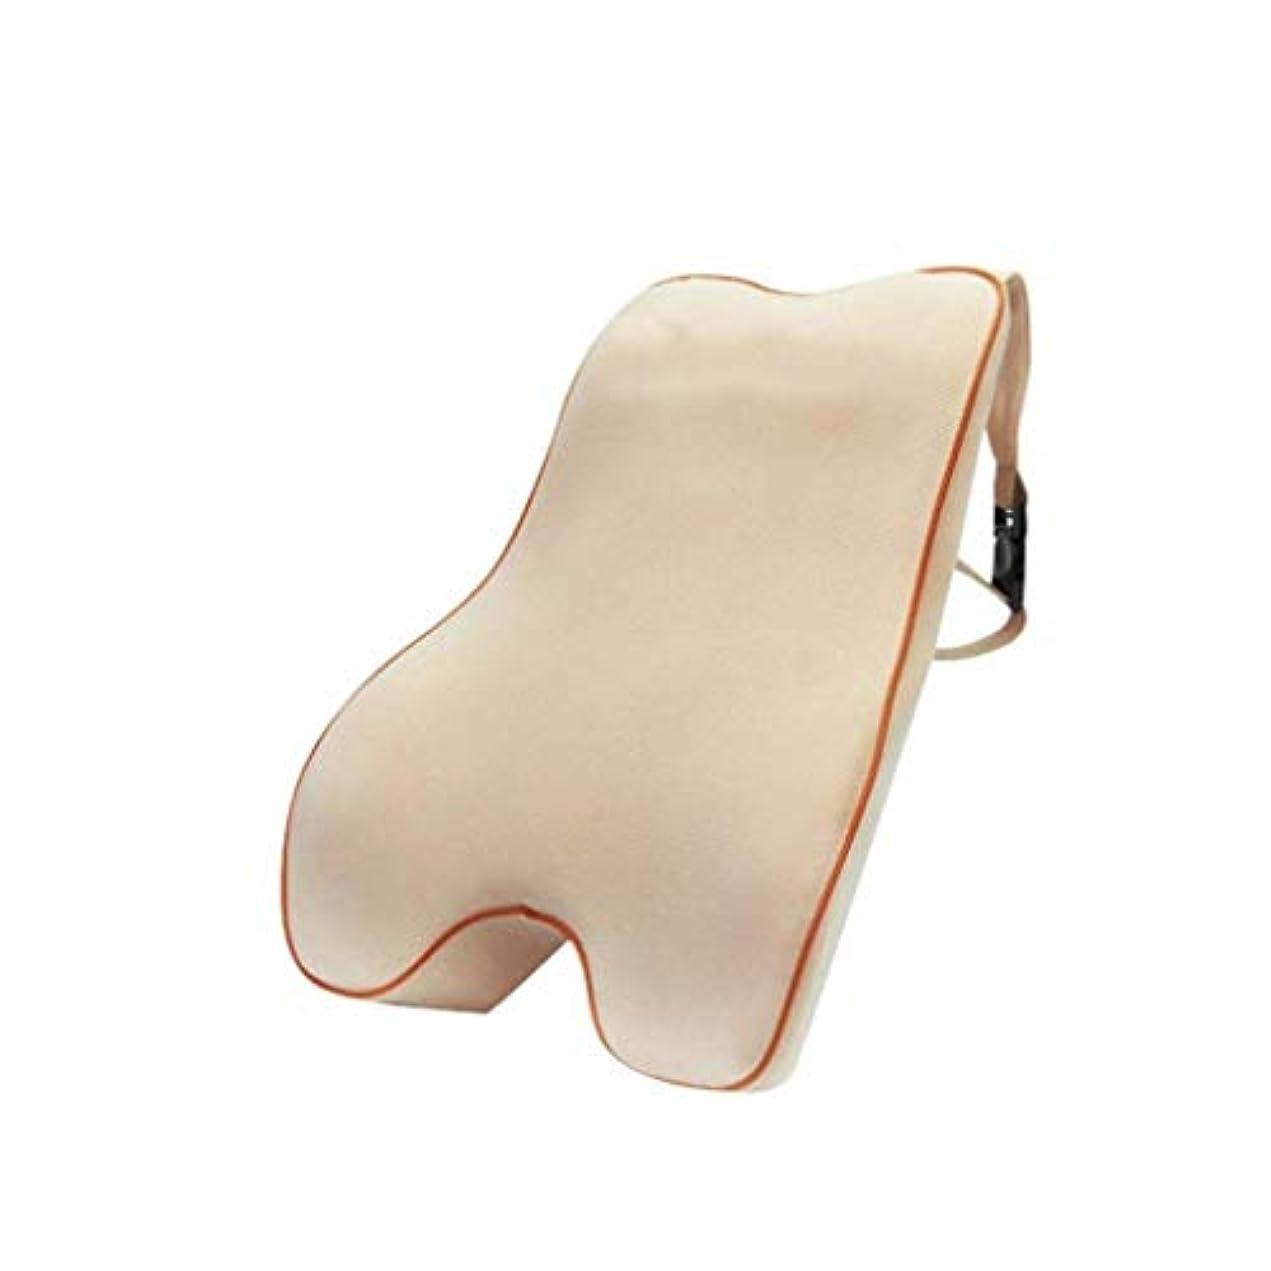 遠近法立ち向かう絵腰椎枕 - 100%低反発腰椎クッション - ポータブル枕 - 整形外科用ウエストサポート枕 - 車のオフィスチェア - 長距離運転オフィスに適した腰痛緩和